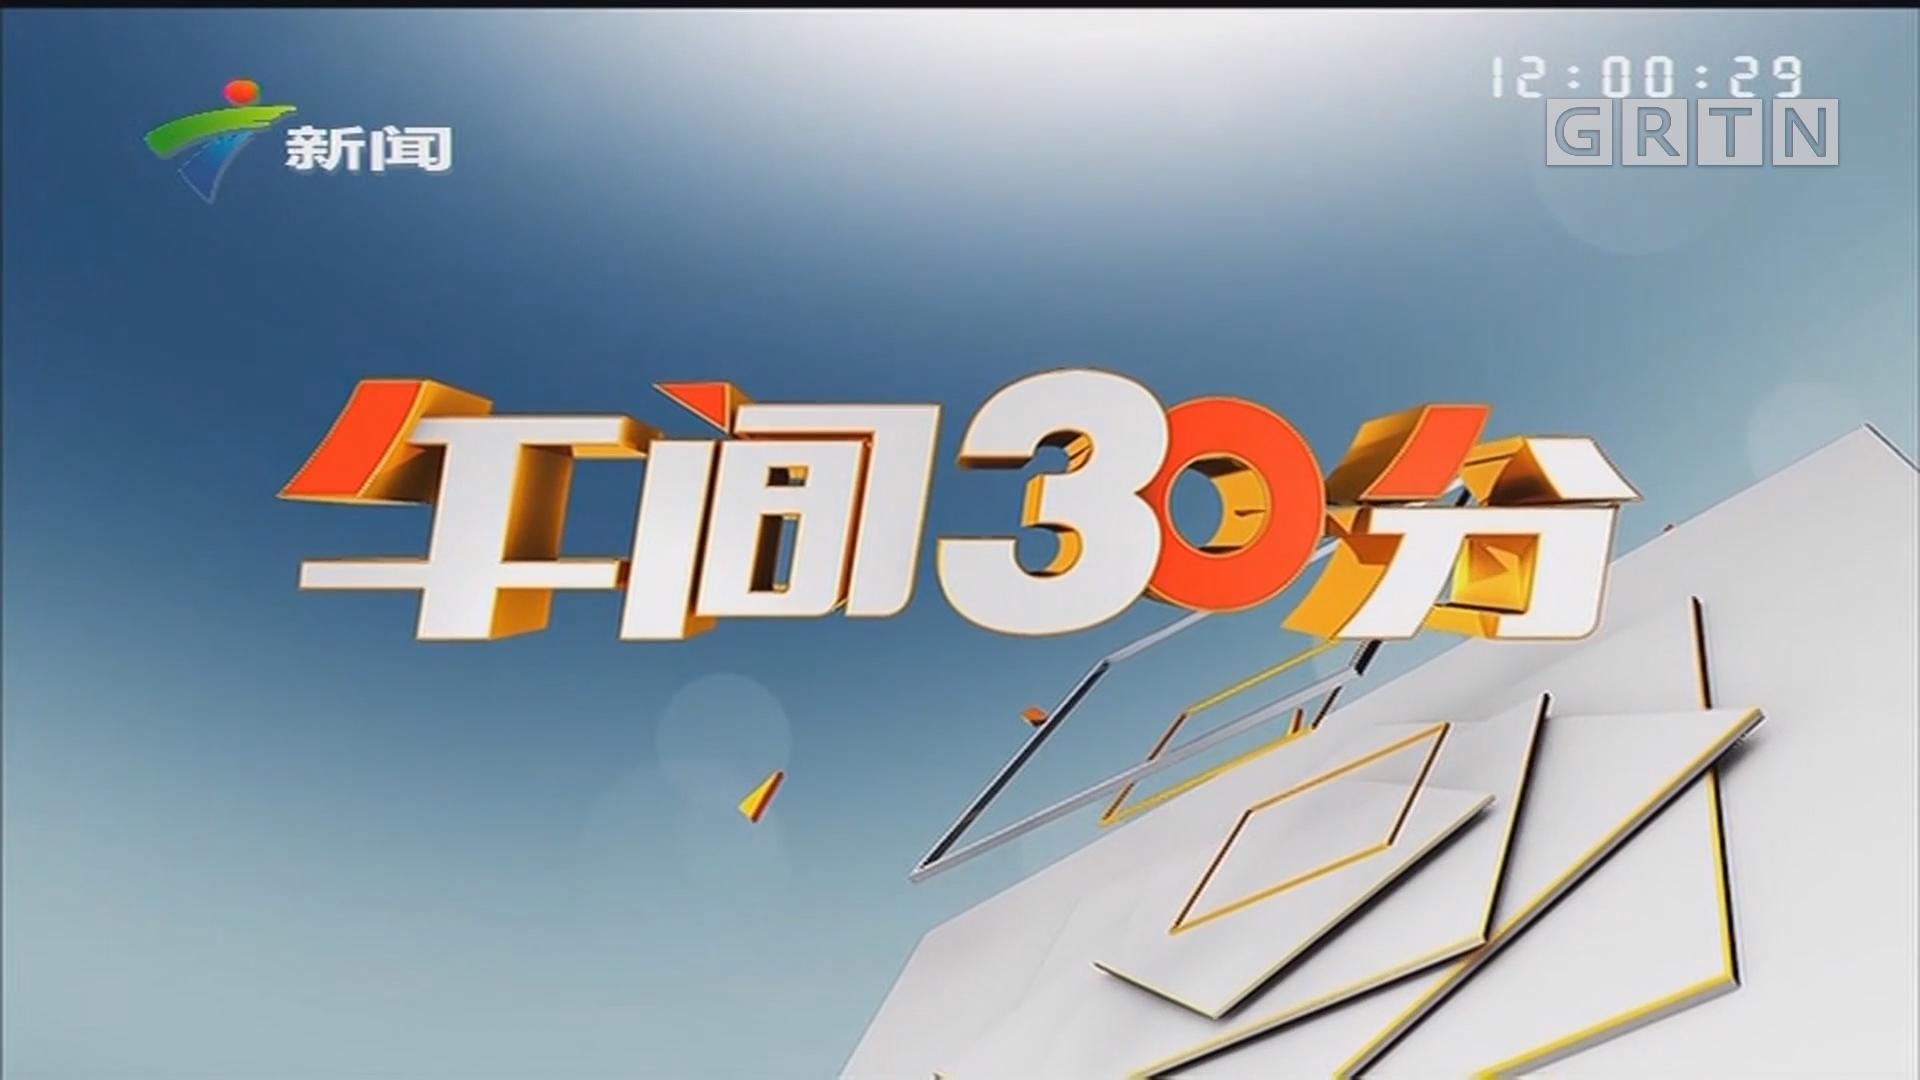 """[HD][2019-07-31]午间30分:第7号台风""""韦帕""""将于今夜至明早登陆:24小时内 """"韦帕""""将以20公里/时向西北方向移动"""